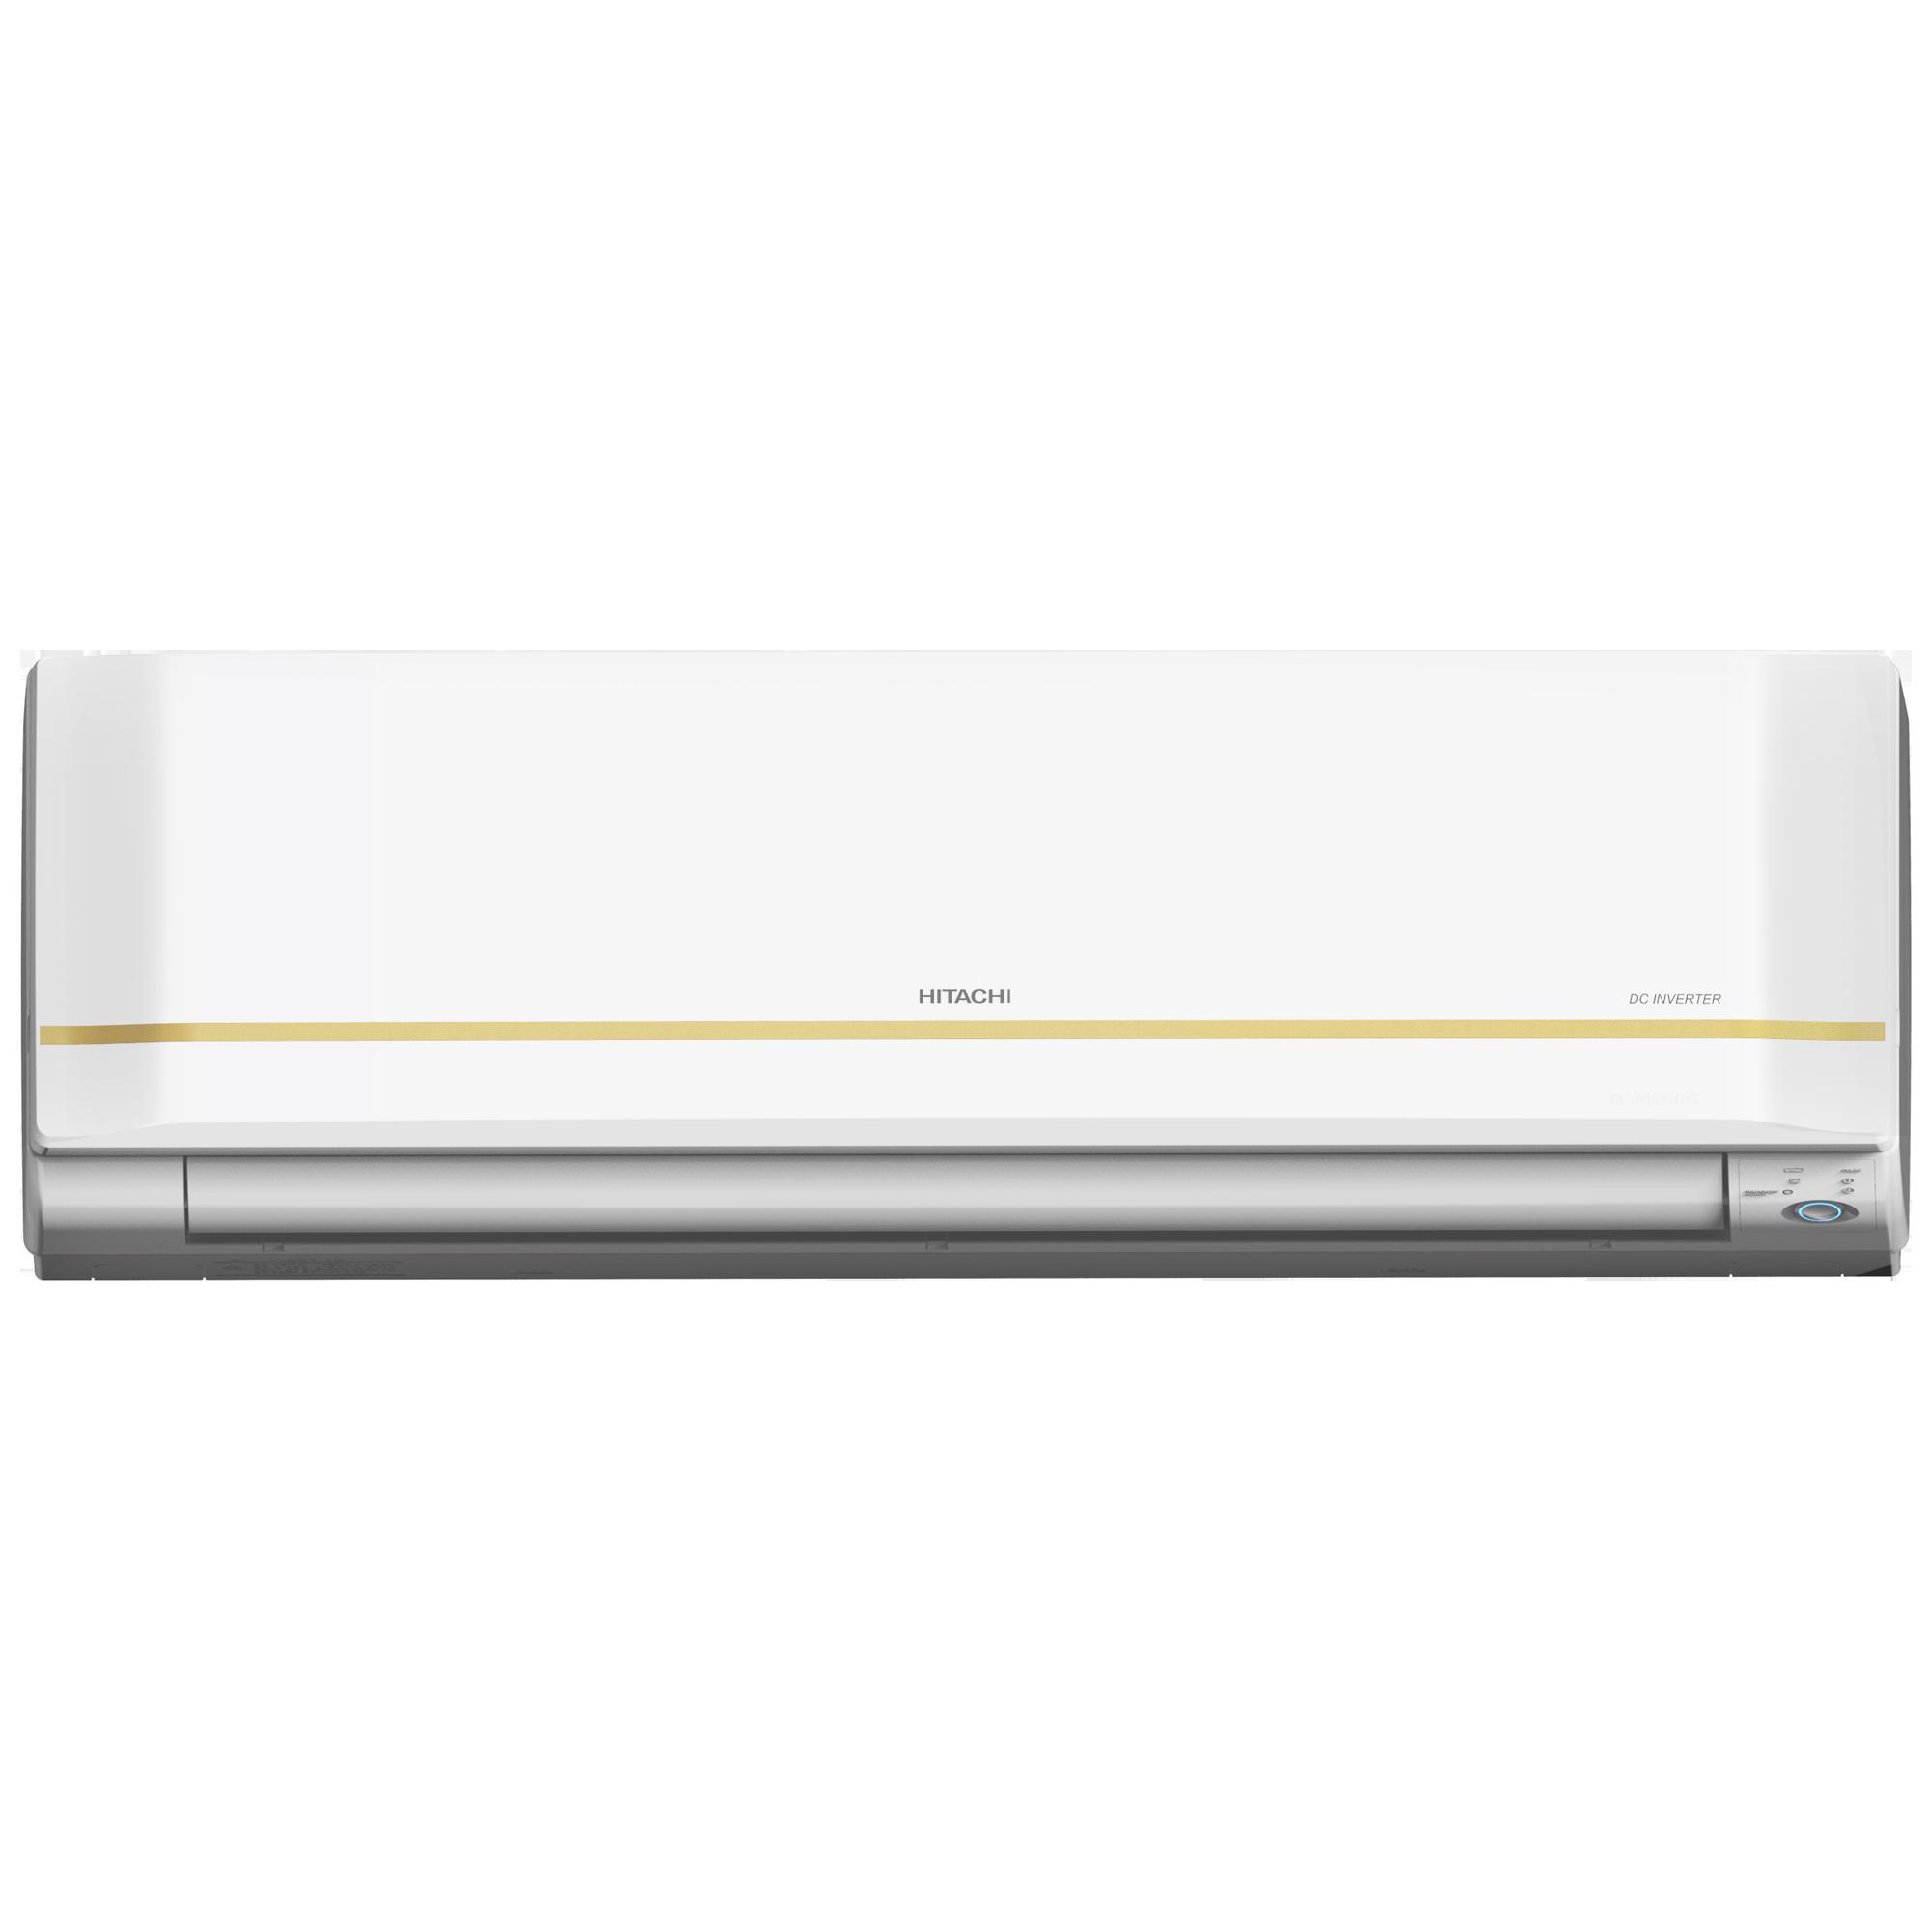 Hitachi Shizen 4100S Plus 2 Ton 4 Star Inverter Split AC (Copper Condenser, RMRG424HEEA, White)_1